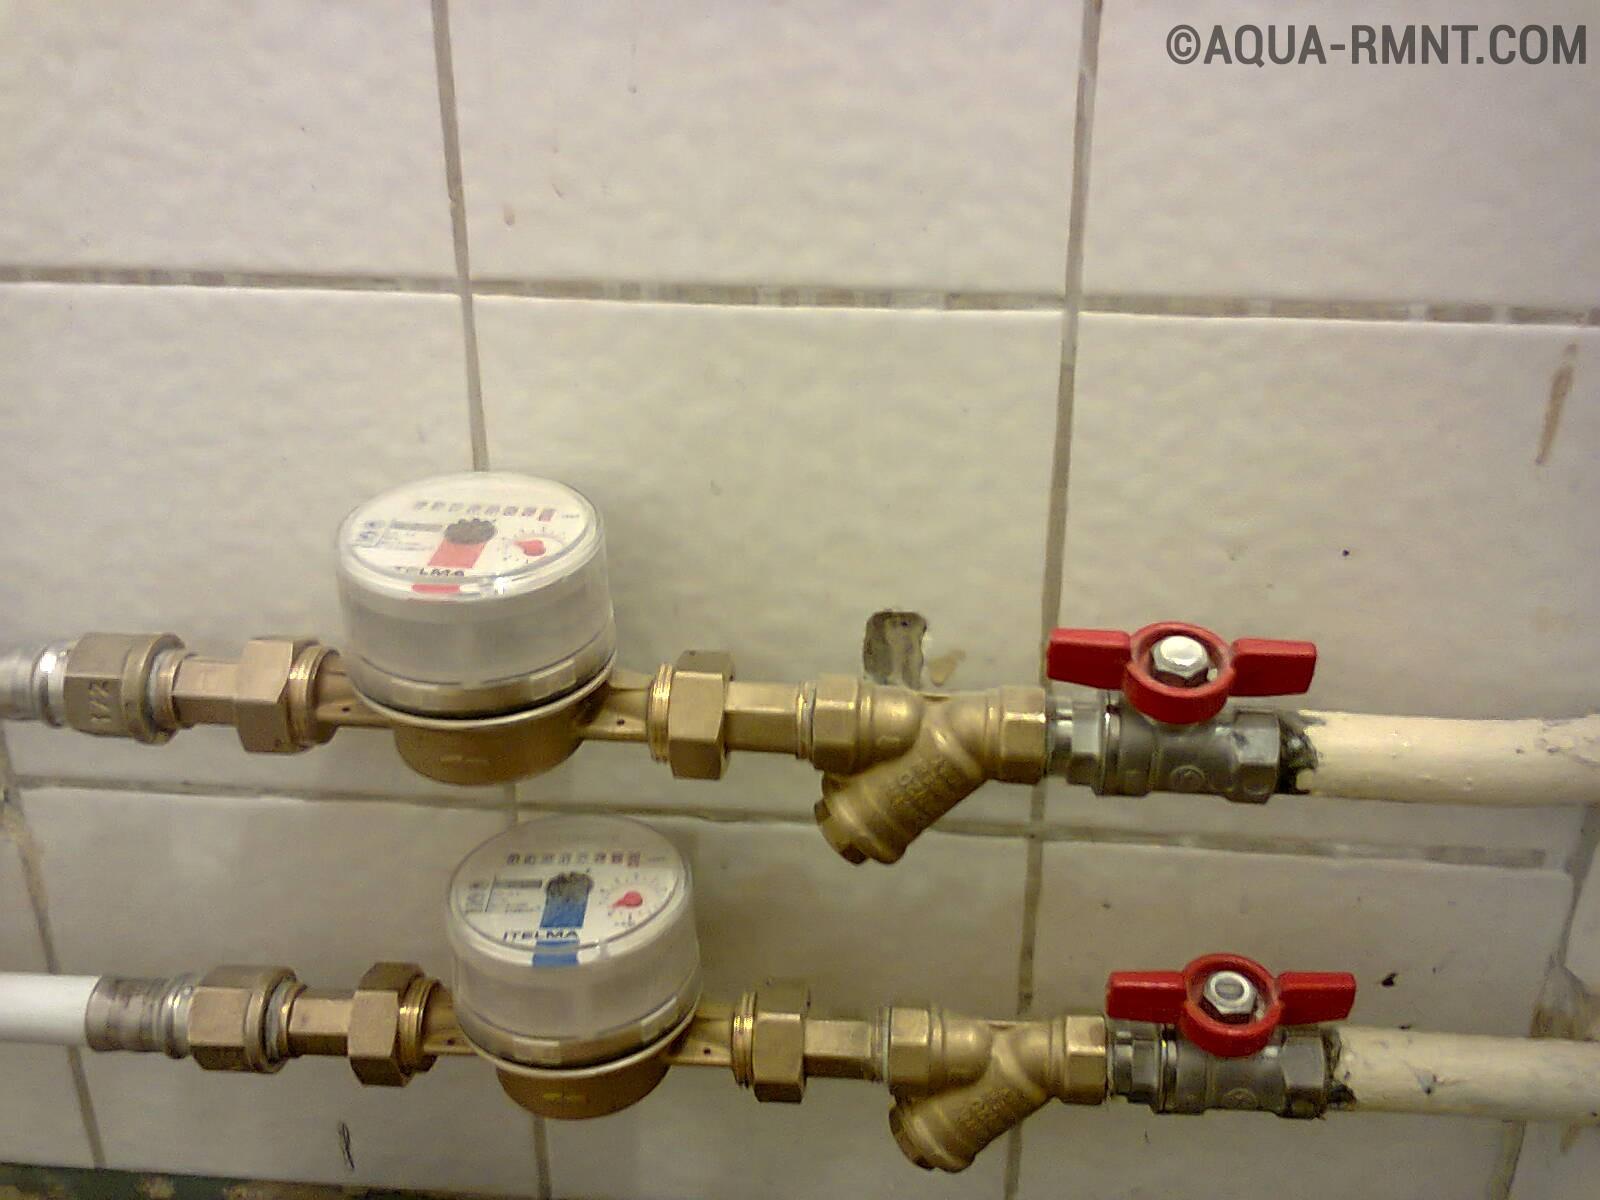 До какого числа должны включить отопление. крутится счётчик, когда соседи включают холодную воду. на какой срок отключают горячую воду